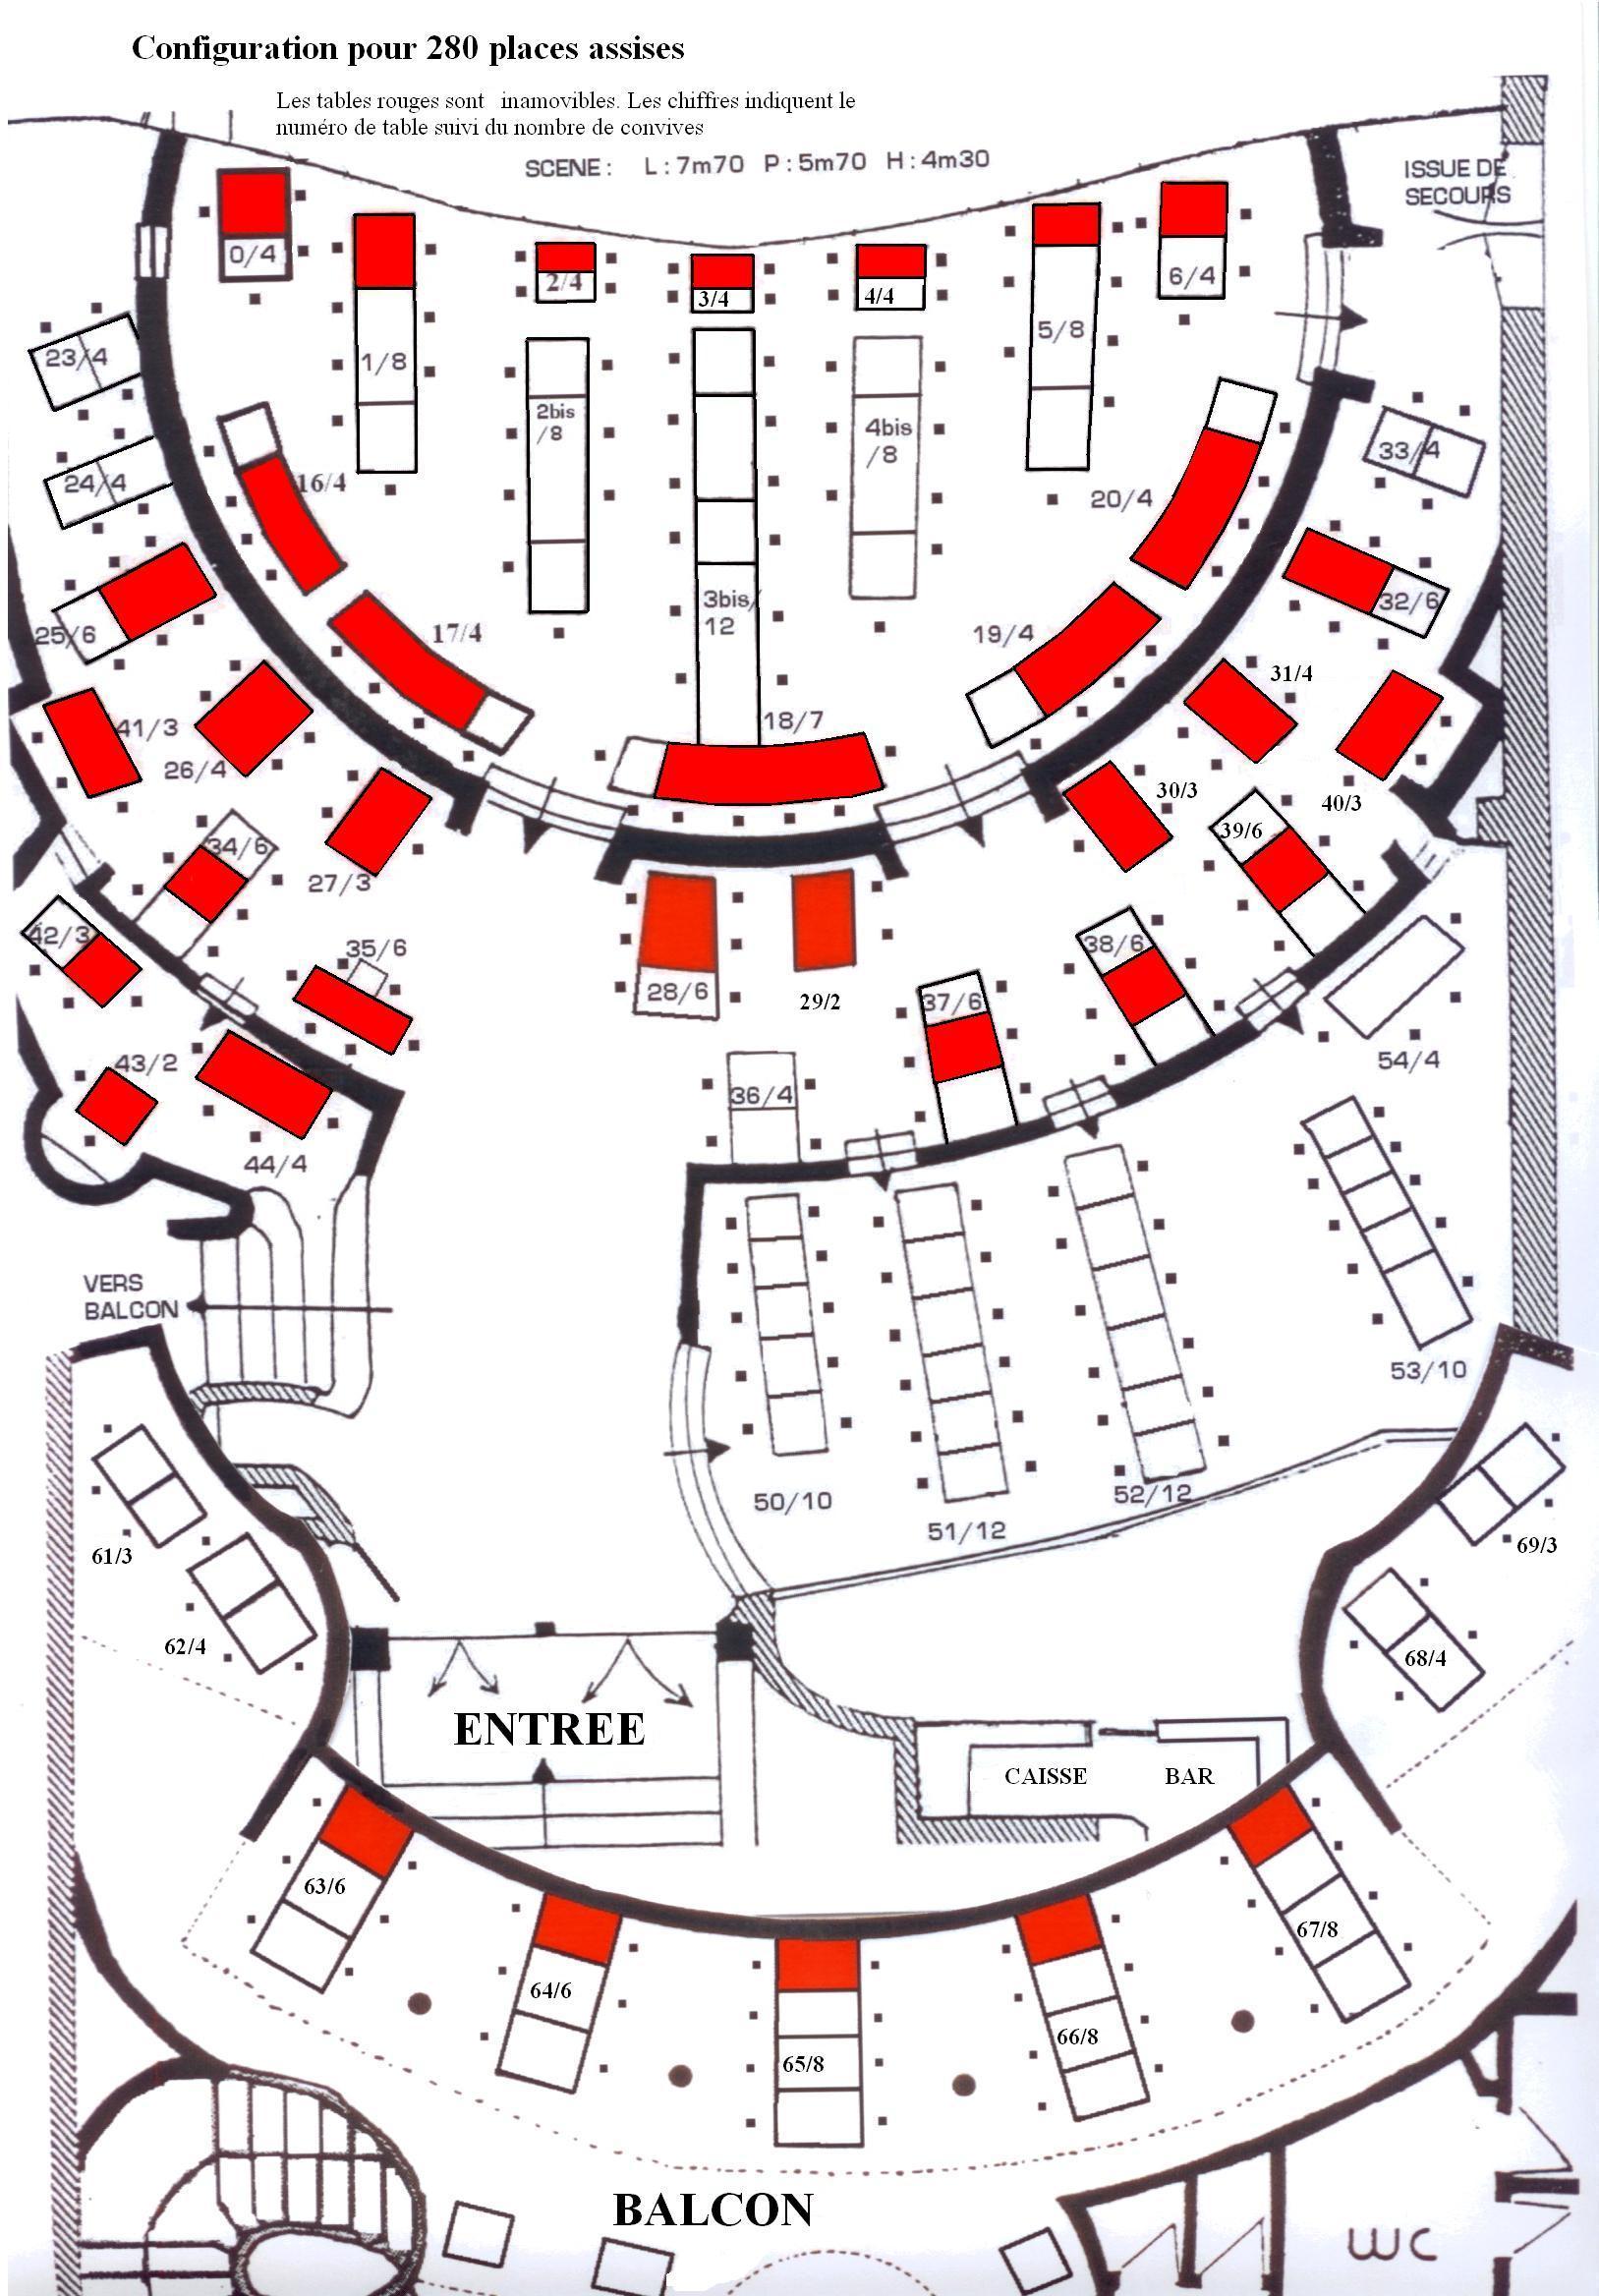 La nouvelle eve abc salles for Plan de moulins